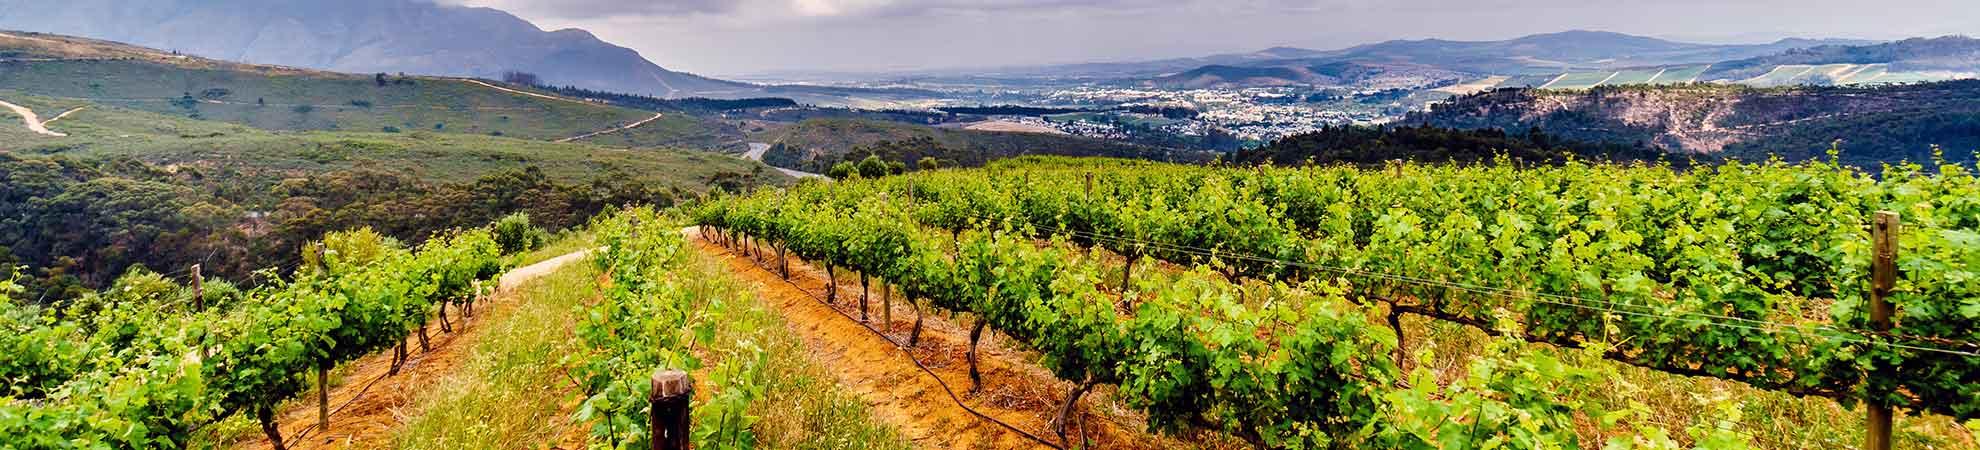 La route des vins d'Afrique du Sud